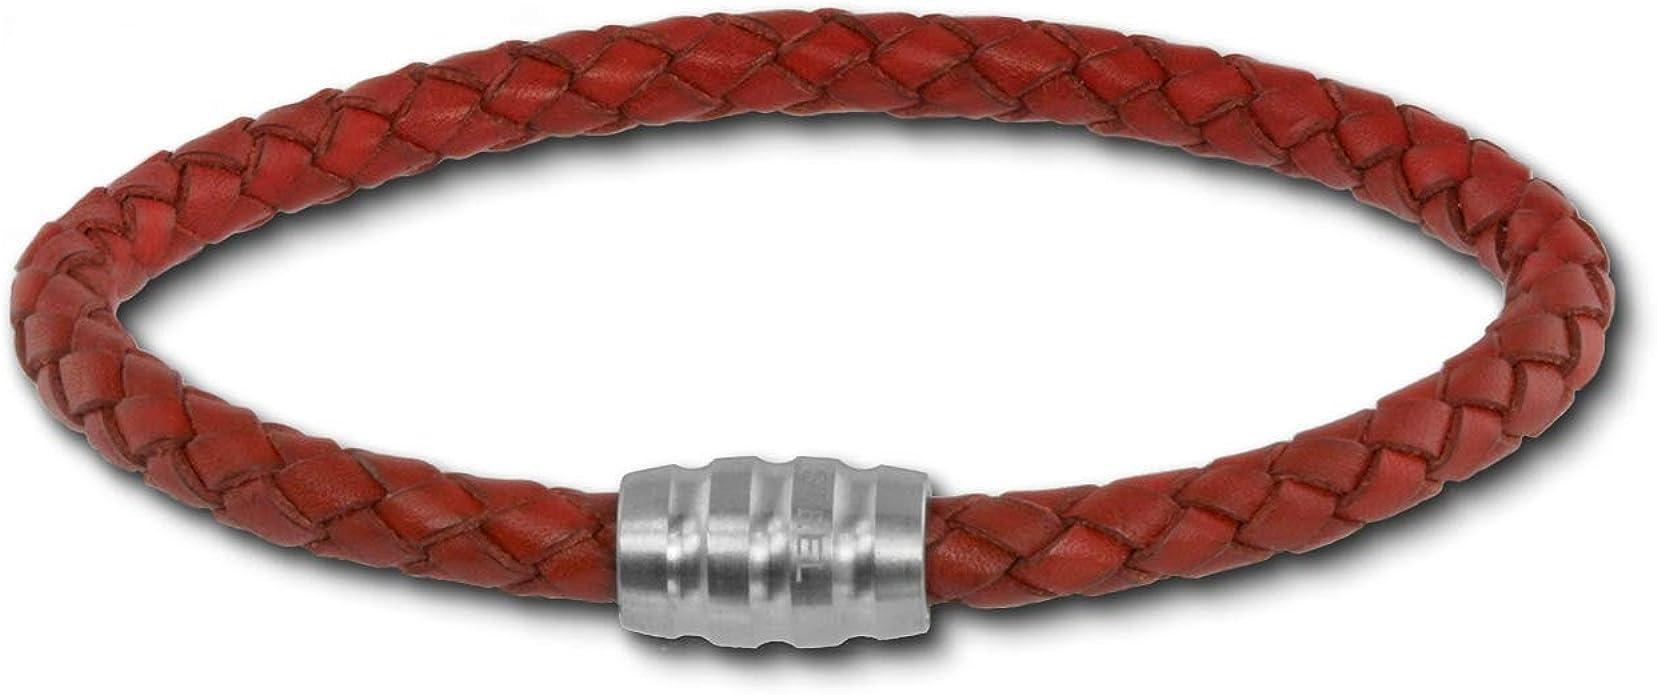 SilberDream pulsera oxidado de piel de color con cierre de acero inoxidable 18 cm, longitud:-Pulsera para mujeres y hombres-LAB0518: SilberDream: Amazon.es: Joyería